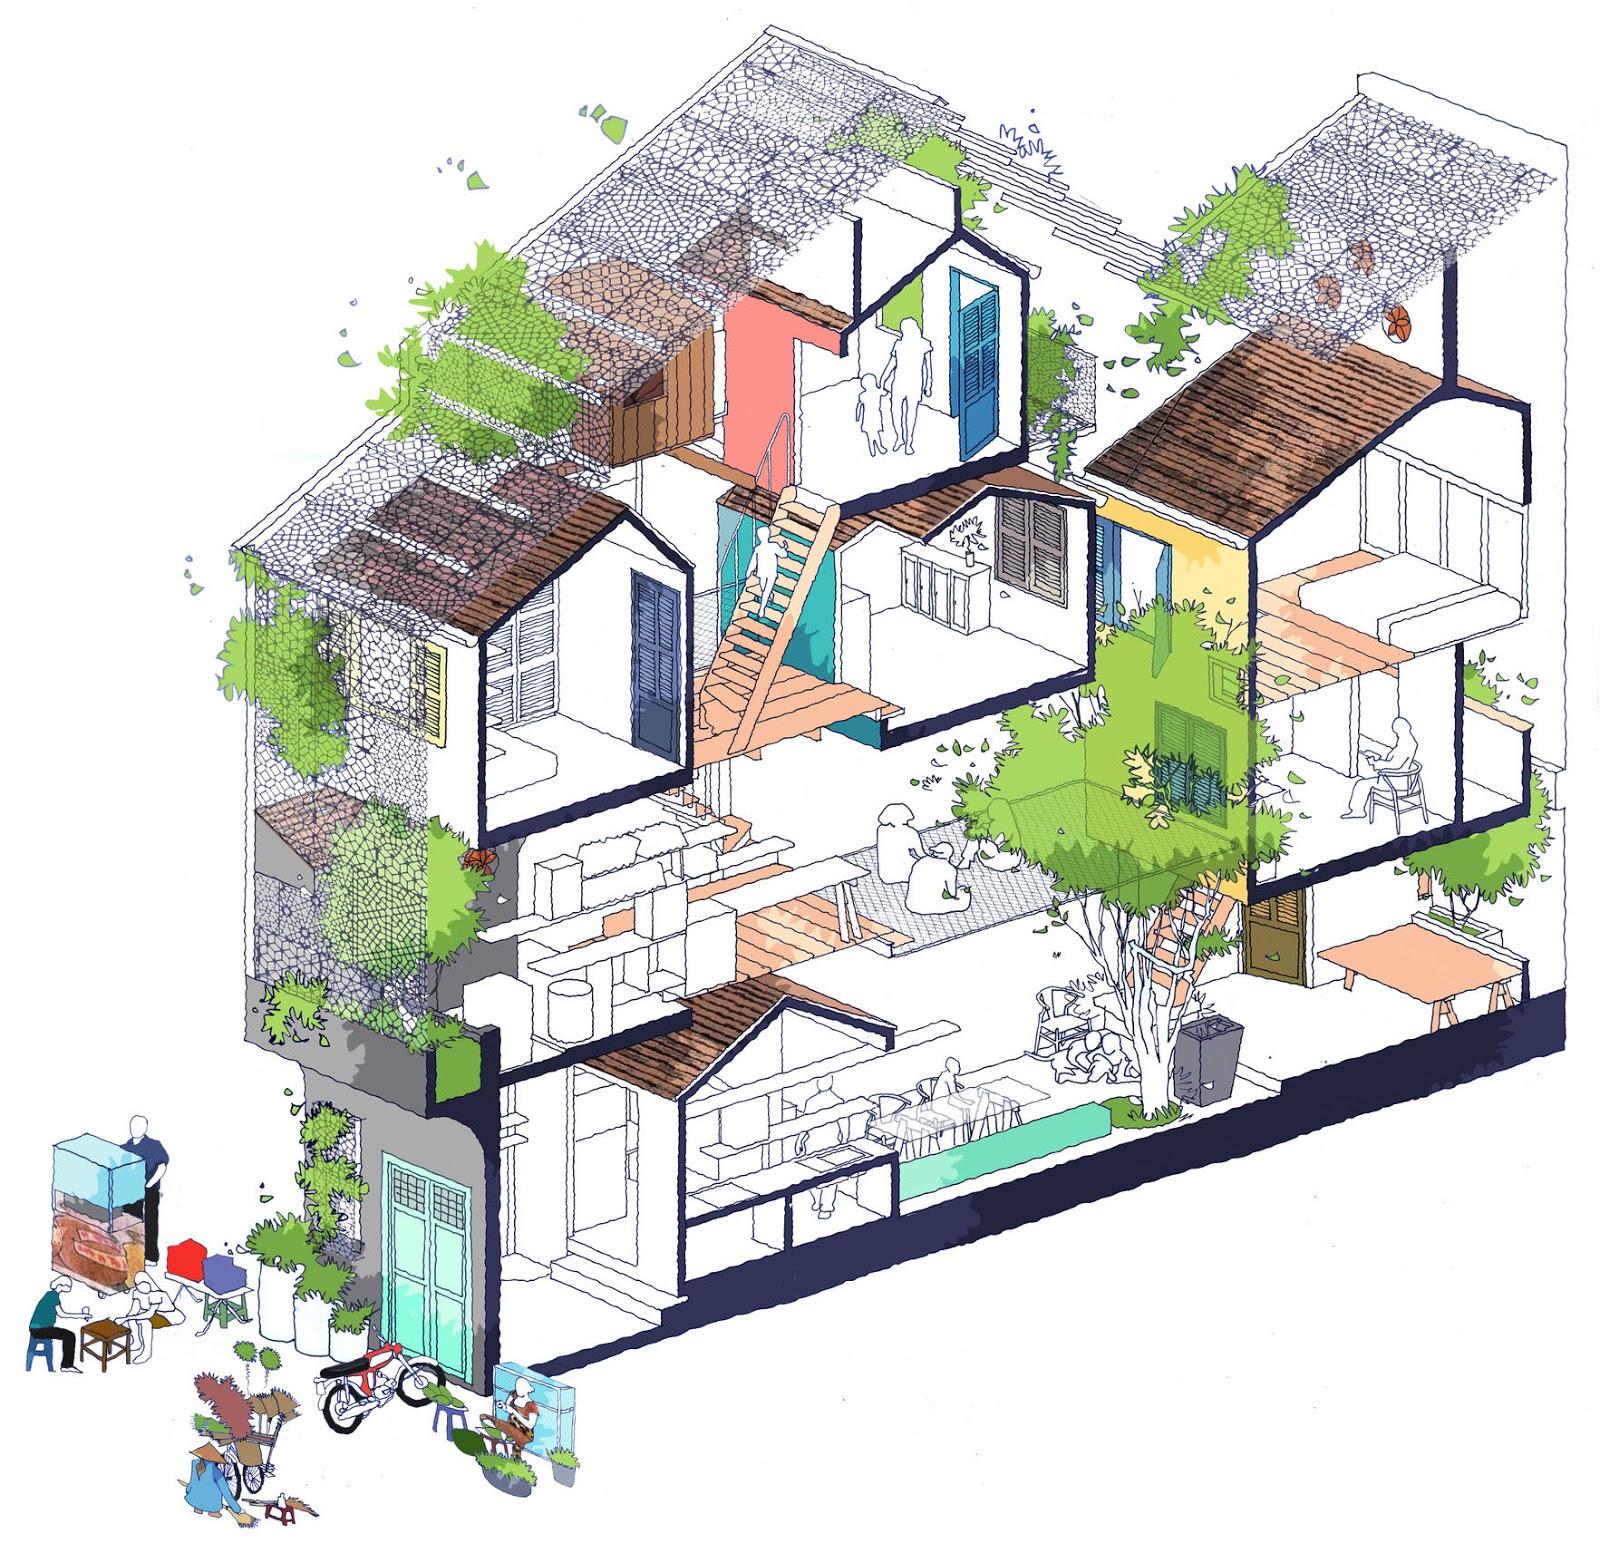 8 Tips Gambar Arsitektur Yang Bagus Dan Berkualitas